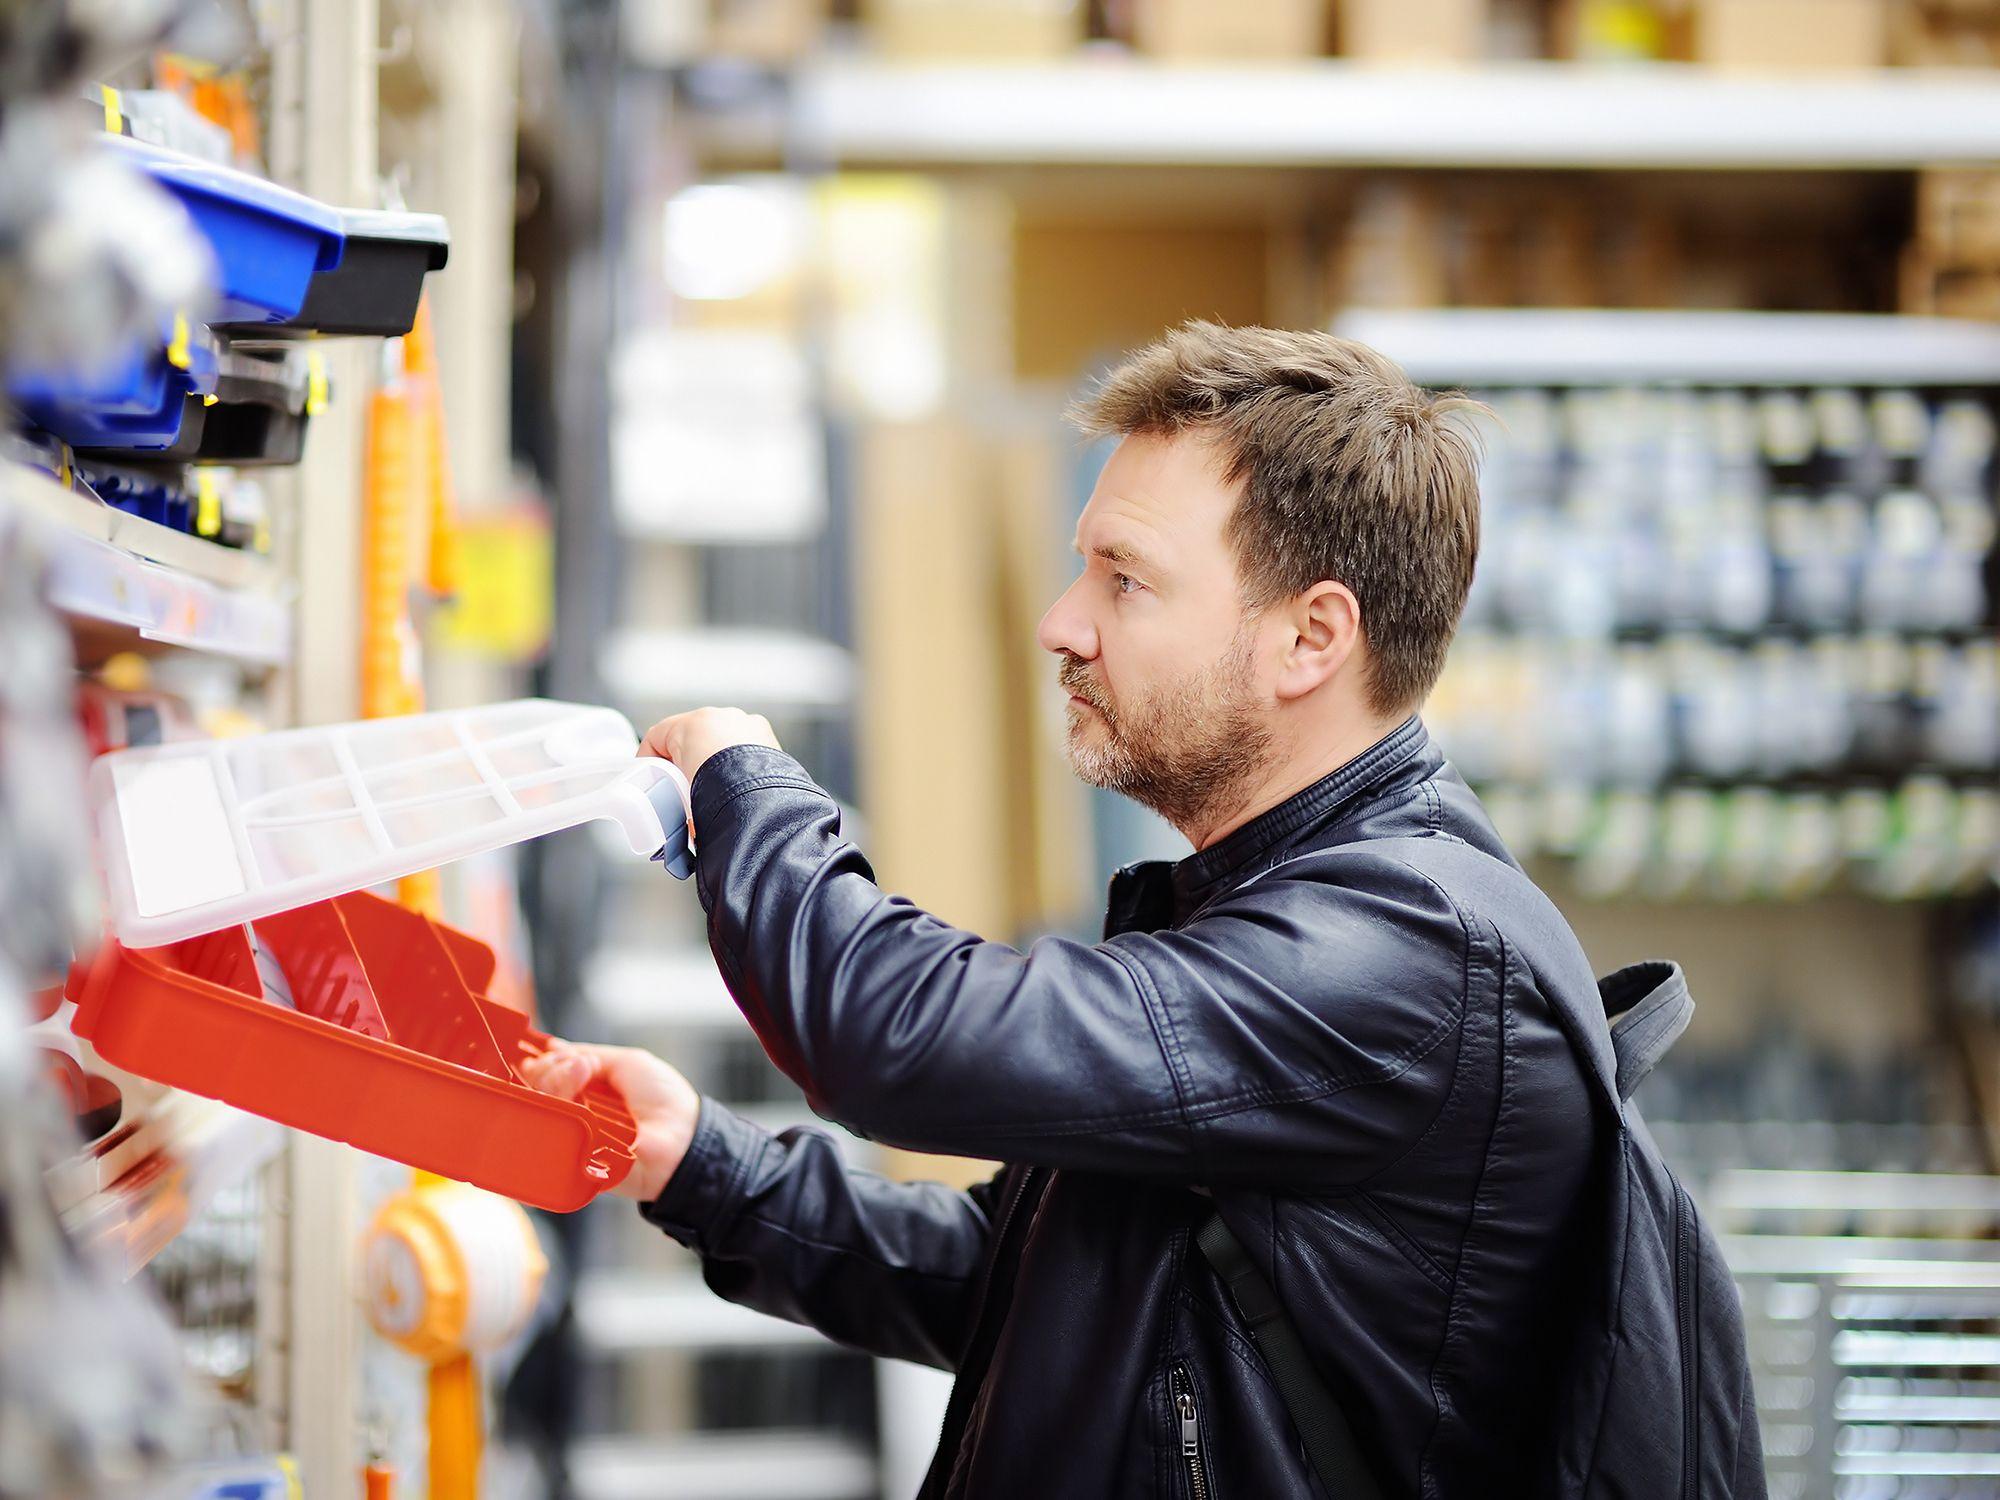 Level 5 - Testkäufer, Servicetester, Mysterychecker, Mystery Käufer, Mystery Tester, Produkttester, Supermarkt Tester, Testkunden, Leiharbeiter, Zeitarbeiter, Leiharbeitnehmer, Leihkraft, Temporärarbeiter für den Einzelhandel, Testkauf, Kundenservice, Kundenbetreuung, Kundenbindung, Außenhandel, Außendienst, Vertrieb, Direktvertrieb, Vertriebsberatung, Verkaufsförderung, Absatzförderung, Verkaufsinnendienst, Verkaufsabteilung und Großhandel bei uns als Personalagentur, Zeitarbeitsfirma, Zeitarbeitsunternehmen, Personal-Service-Agentur, Personaldienstleistungsagentur und Leiharbeitsfirma per Arbeitnehmer-Leasing, Arbeitnehmerüberlassung, Arbeitskräfte-Leasing, Arbeitskräfteüberlassung, Arbeitskraftüberlassung, Leiharbeit, Mitarbeiter-Leasing, Mitarbeiterleasing, Mitarbeiterüberlassung, Personaldienstleistung, Personalleasing, Personalüberlassung, Temporärarbeit, Zeitarbeit buchen, mieten, leihen oder langfristig neue Mitarbeiter für Jobs wie Schülerjobs, Ferienjobs, Aushilfsjobs, Studentenjobs, Werkstudentenjobs, Saisonjobs, Vollzeit Jobs, Teilzeit Jobs, Nebenjobs, Temporär Jobs, Gelegenheitsjobs per Personalvermittlung suchen, finden und vermittelt bekommen.